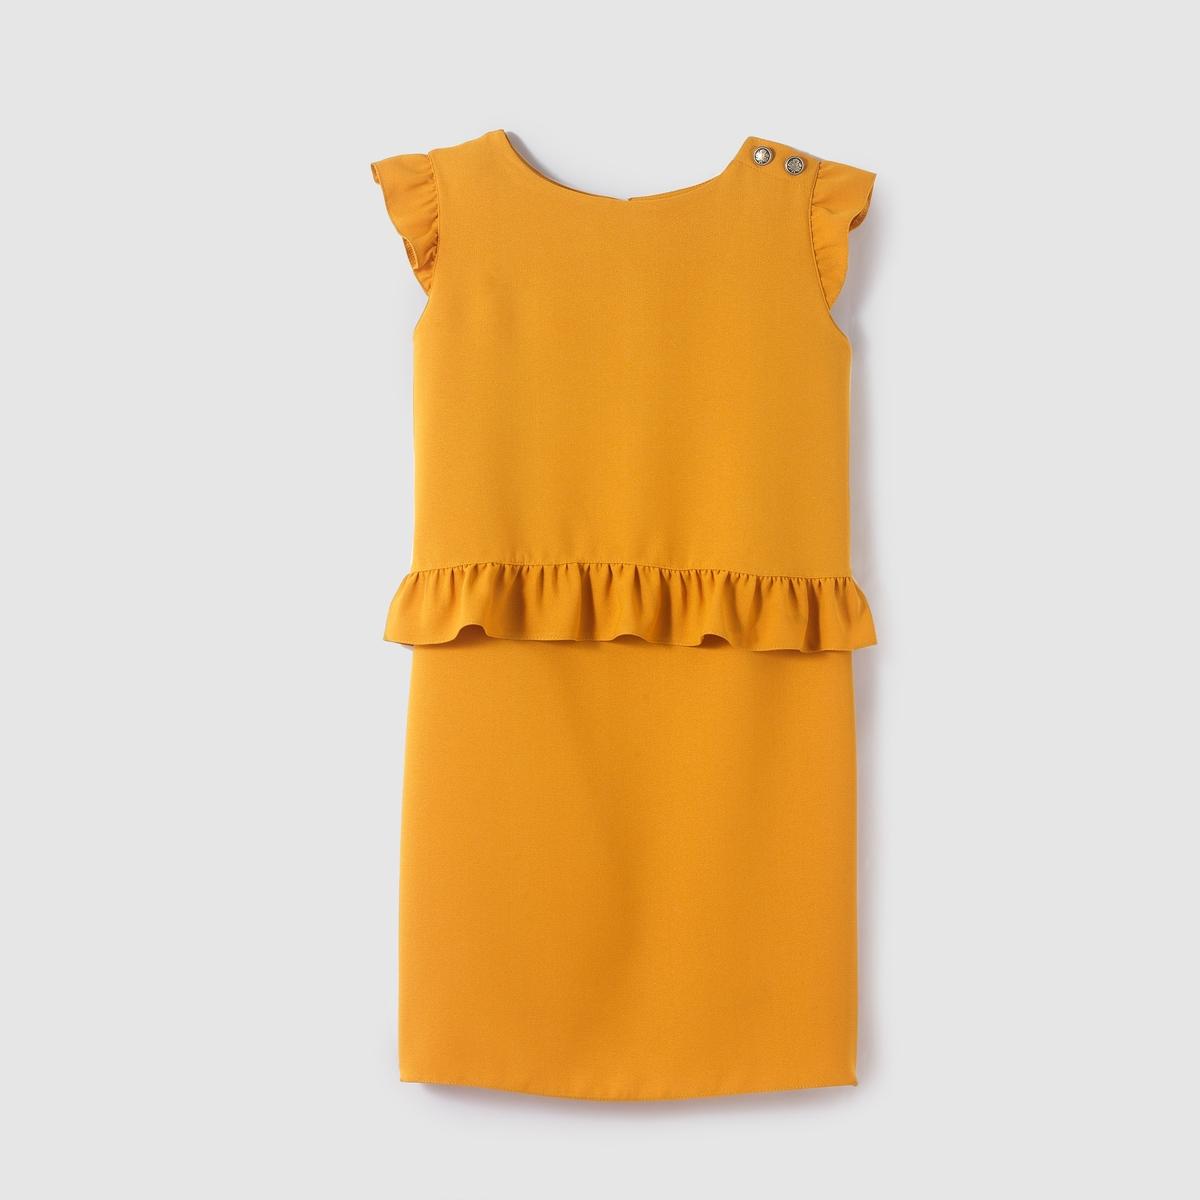 Платье без рукавов с воланами DARIA DARIAПлатье без рукавов DARIA DARIA от LENNY B. Платье прямого покроя. Небольшие воланы на плечах, эффект наложения с воланами на поясе. Открытая спинка . Состав и описаниеМарка : LENNY BМатериал : 100% полиэстер<br><br>Цвет: желтый шафран